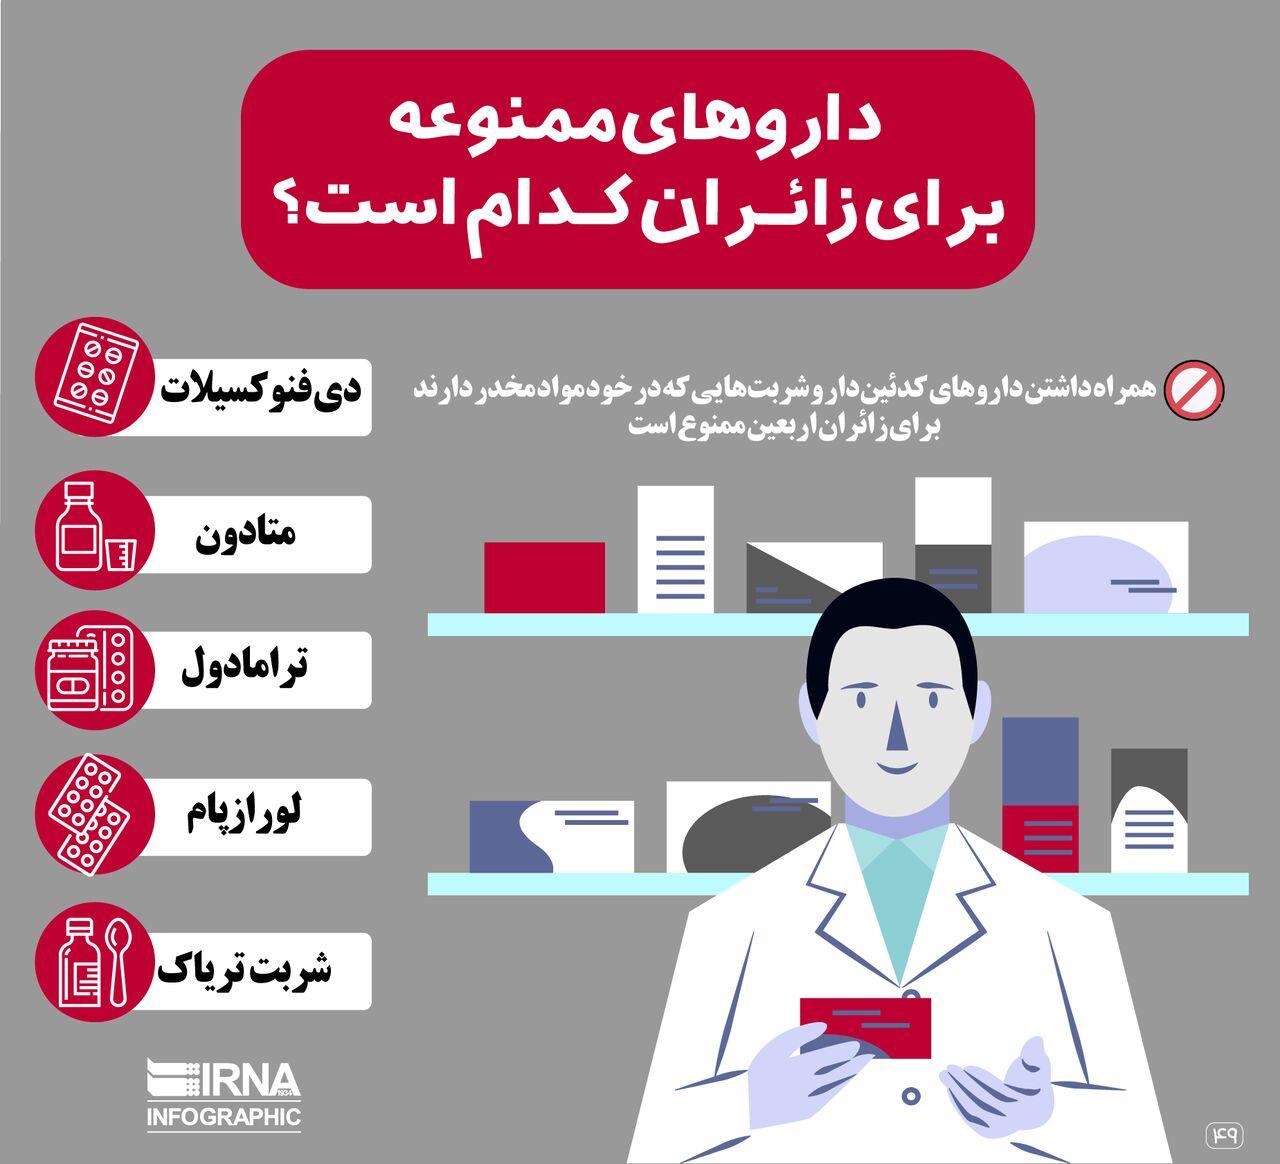 داروهای ممنوعه برای زائران کدام است؟